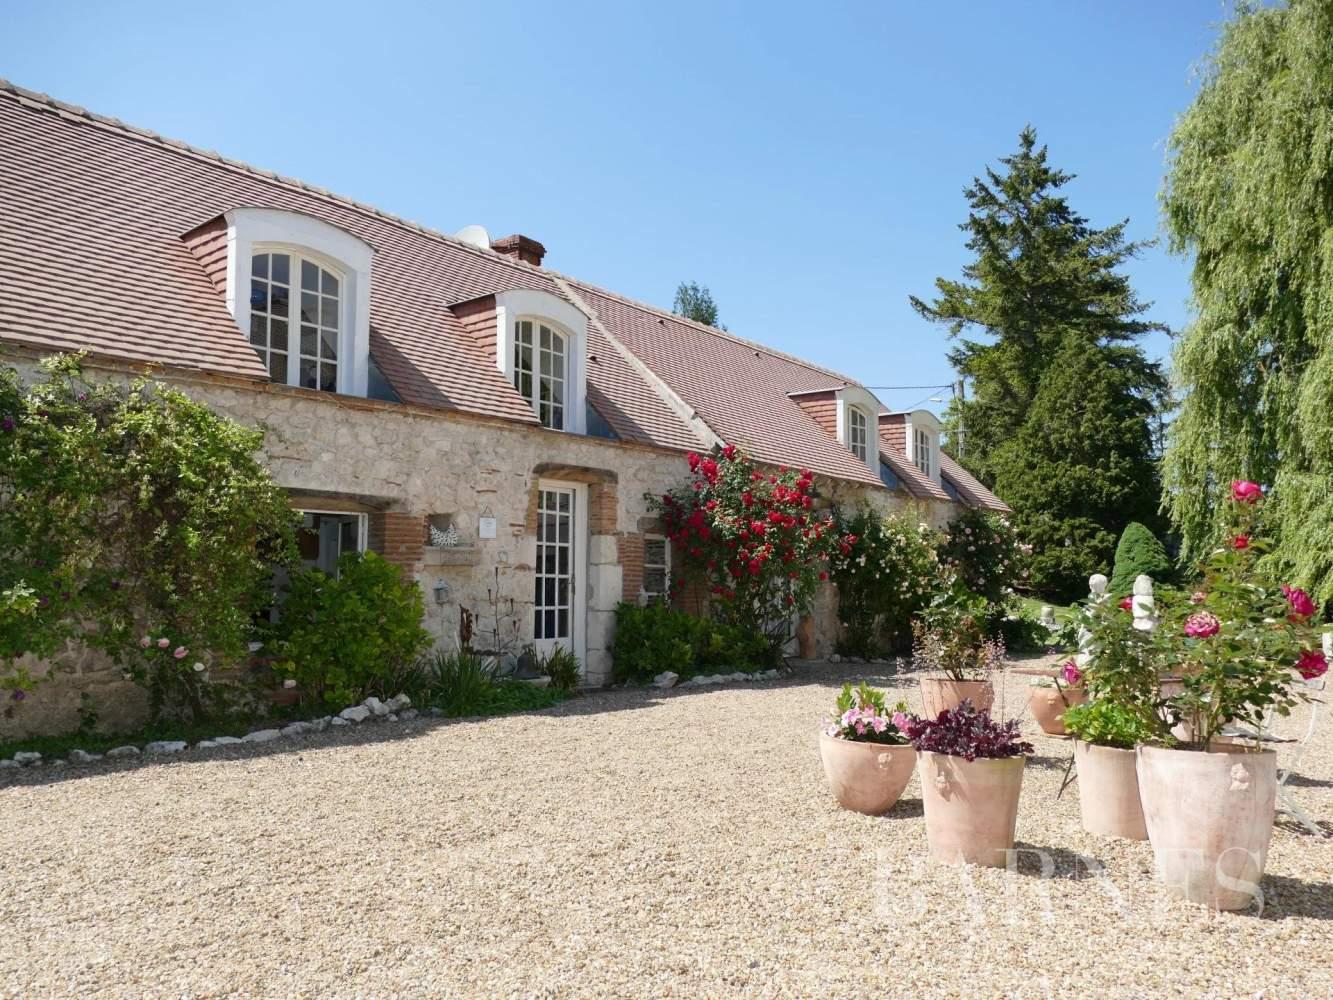 Meung-sur-Loire  - Maison de village 8 Pièces - picture 2